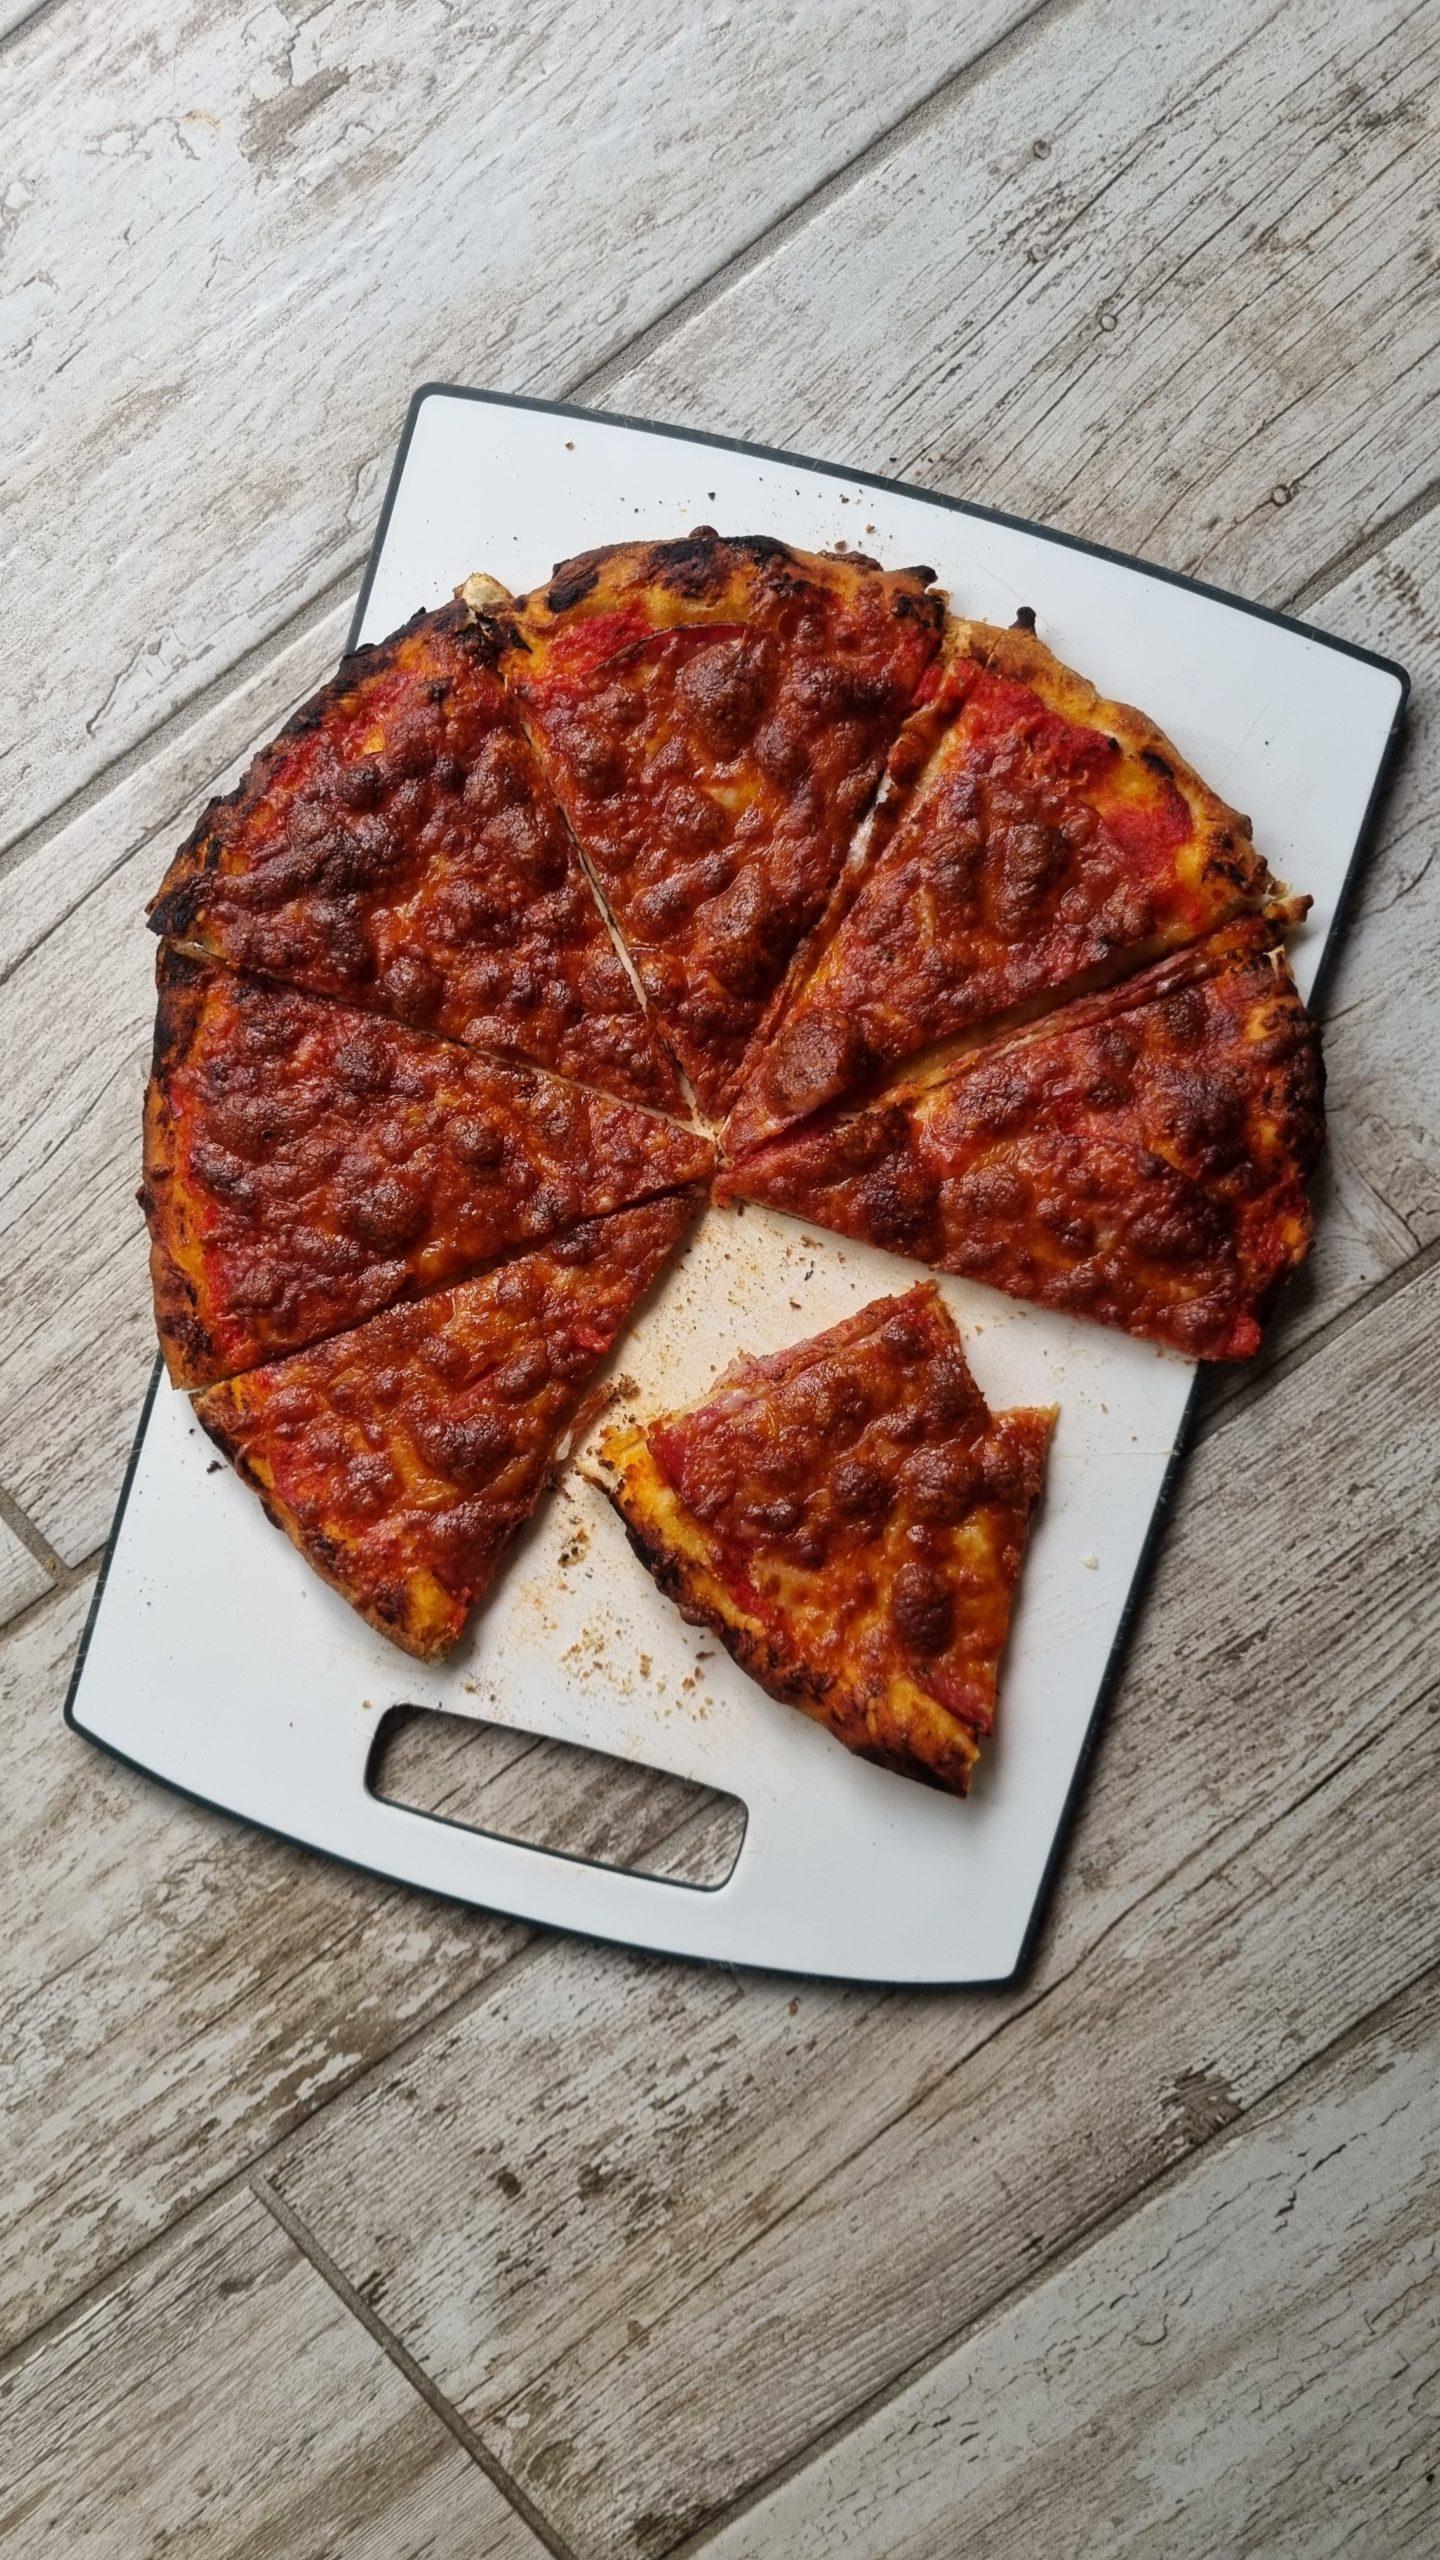 PIZZA SOTTILE E CROCCANTE CHICAGO TAVERN STYLE